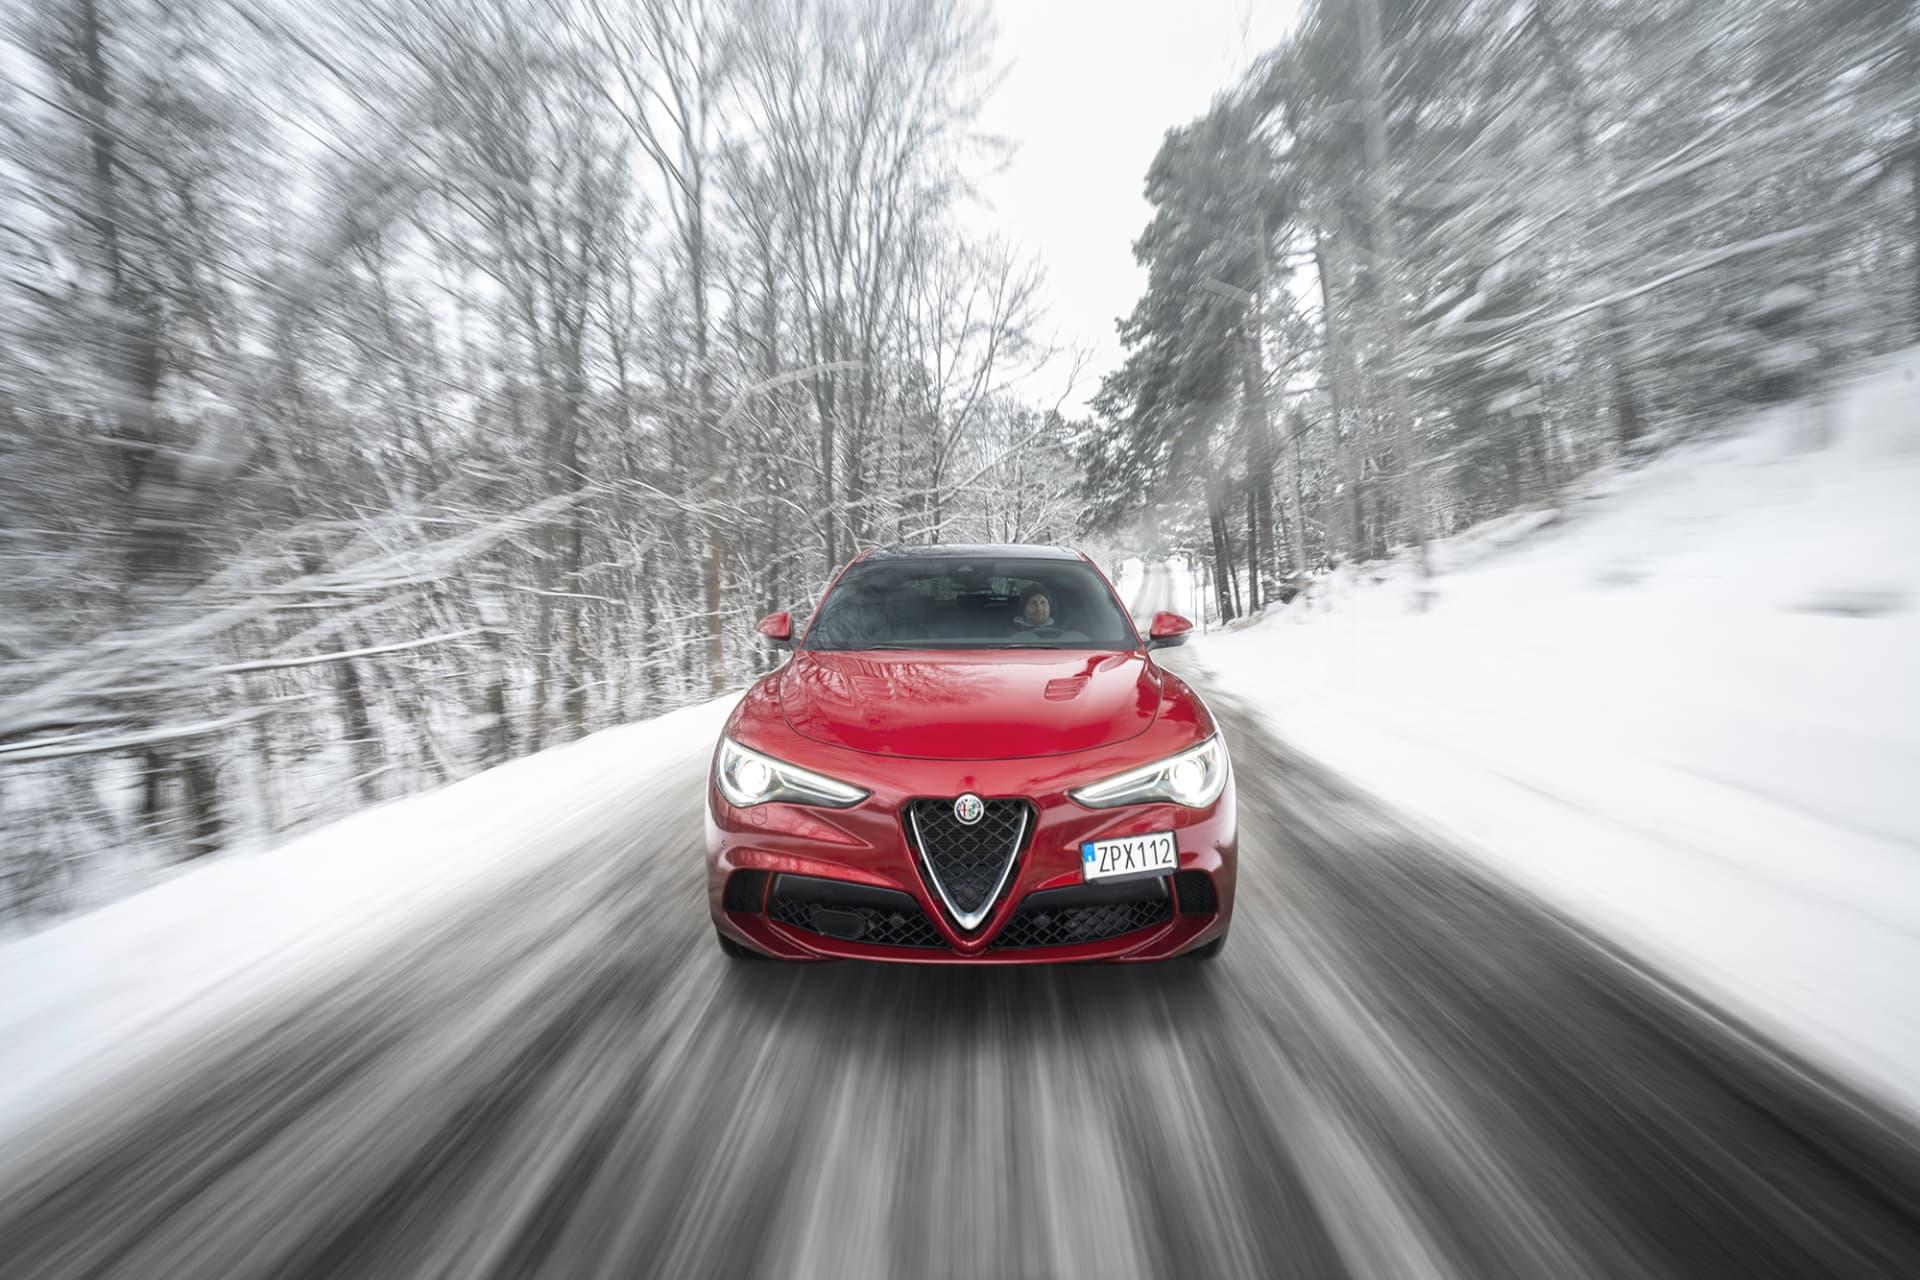 Stelvio Quadrifoglios trivs otroligt bra på de snötäckta skogsvägarna. I Dynamic-läget blir bilen lekfull och tillåter en bred svansföring.